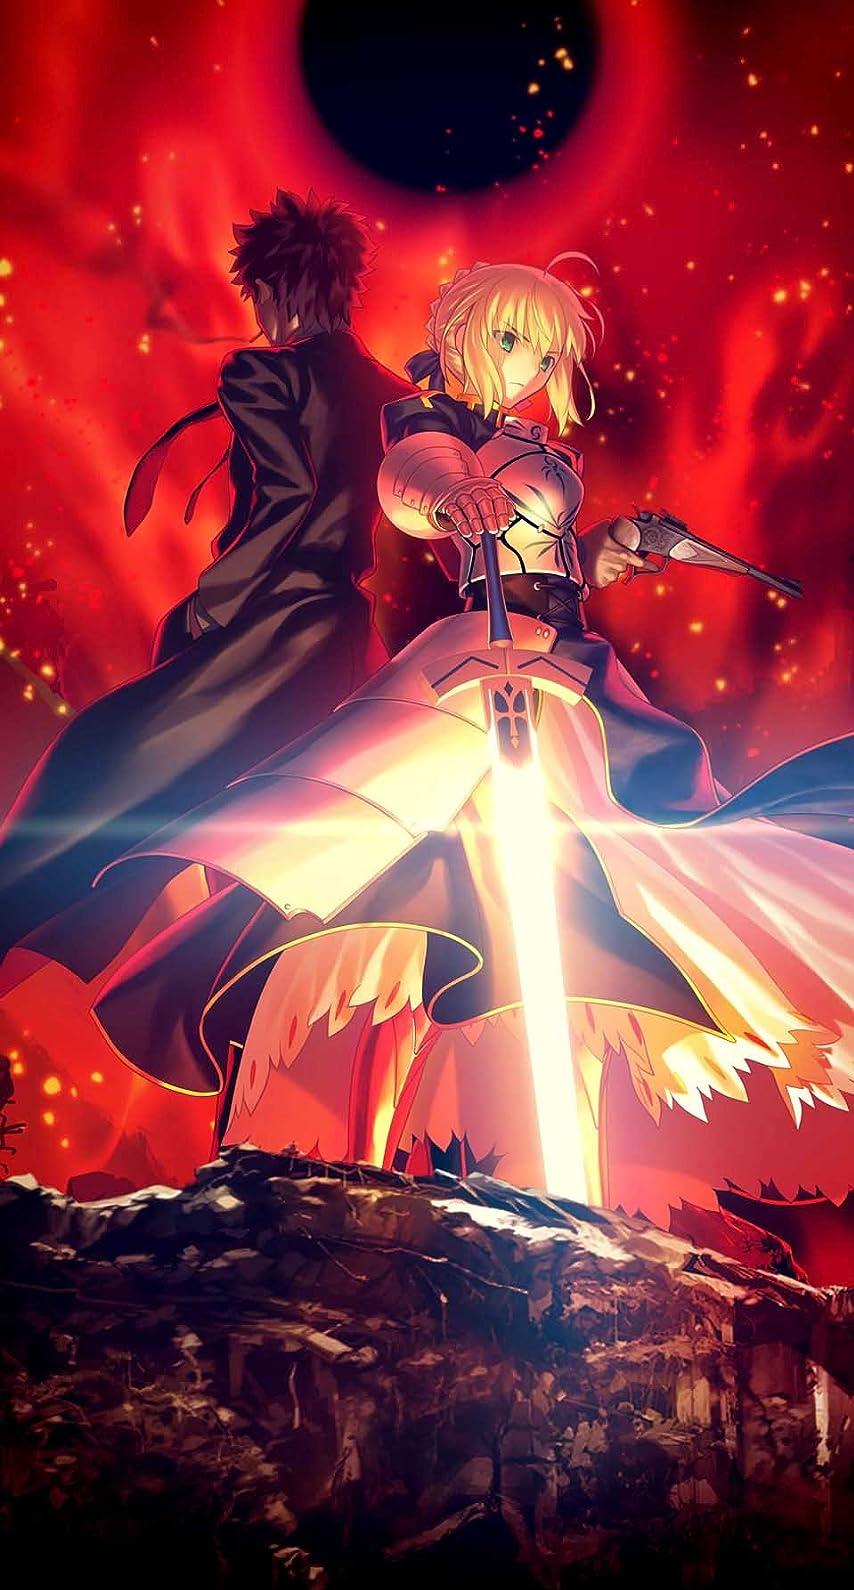 Fate 衛宮切嗣 セイバー Fate Zero Iphone8 7 6s 6 壁紙 視差効果 画像